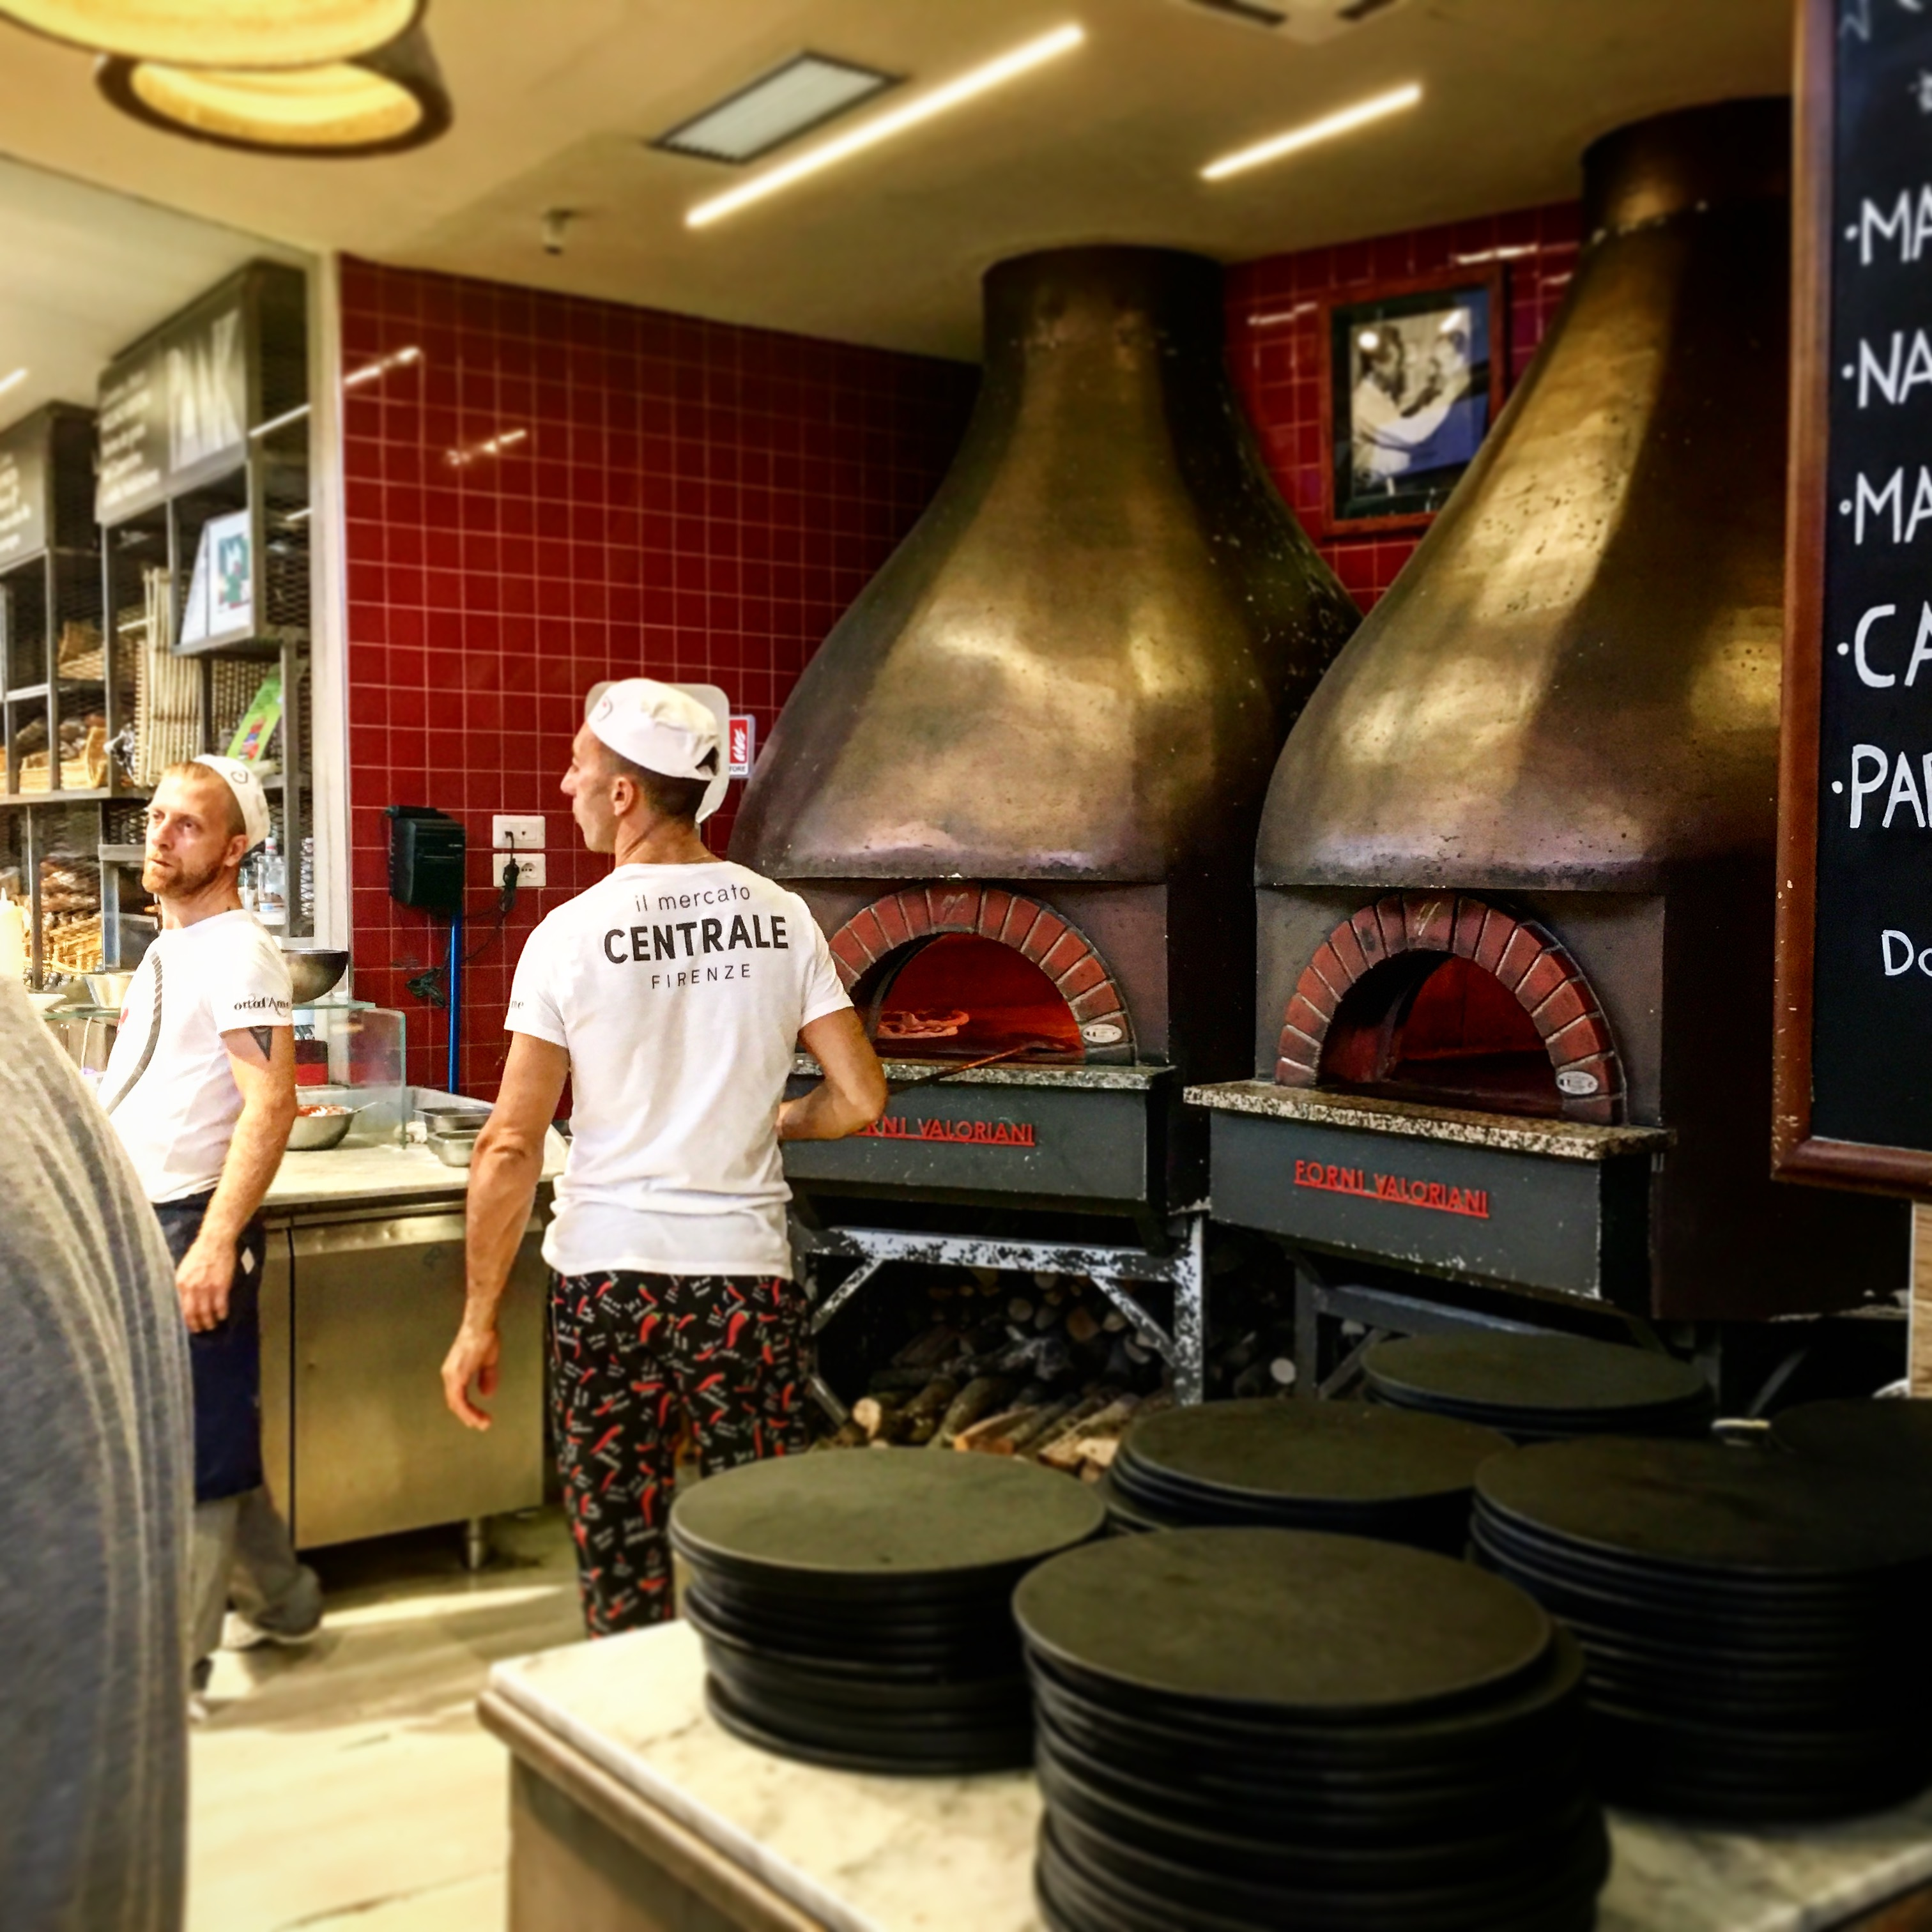 mercato-centrale-firenze-pizza